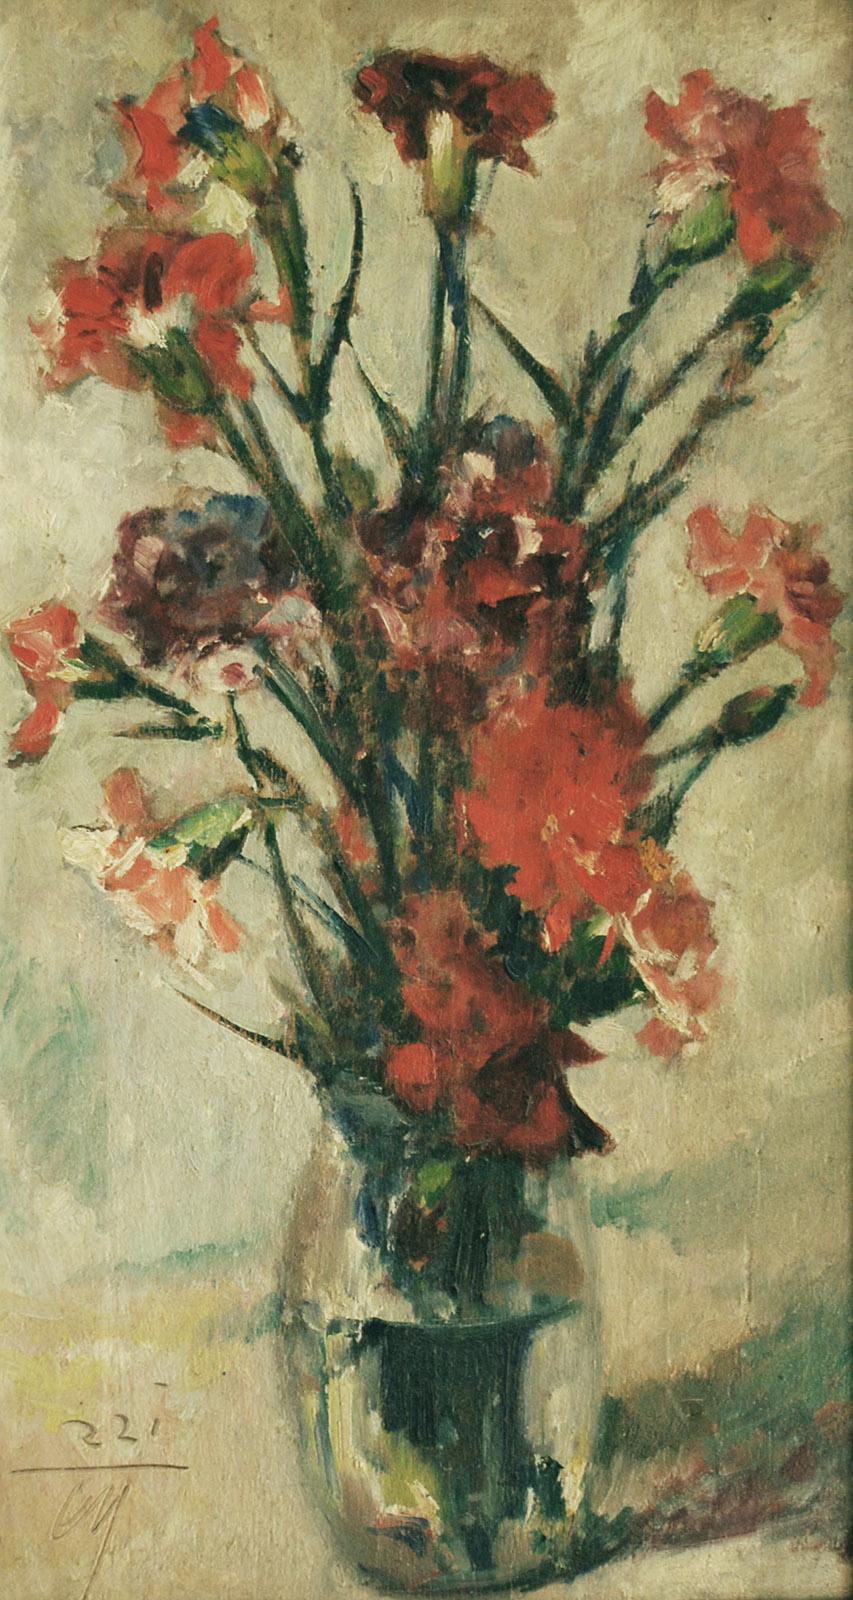 Vaso di garofani michelozzi corrado 1883 1965 fiori for Vasi di fiori dipinti